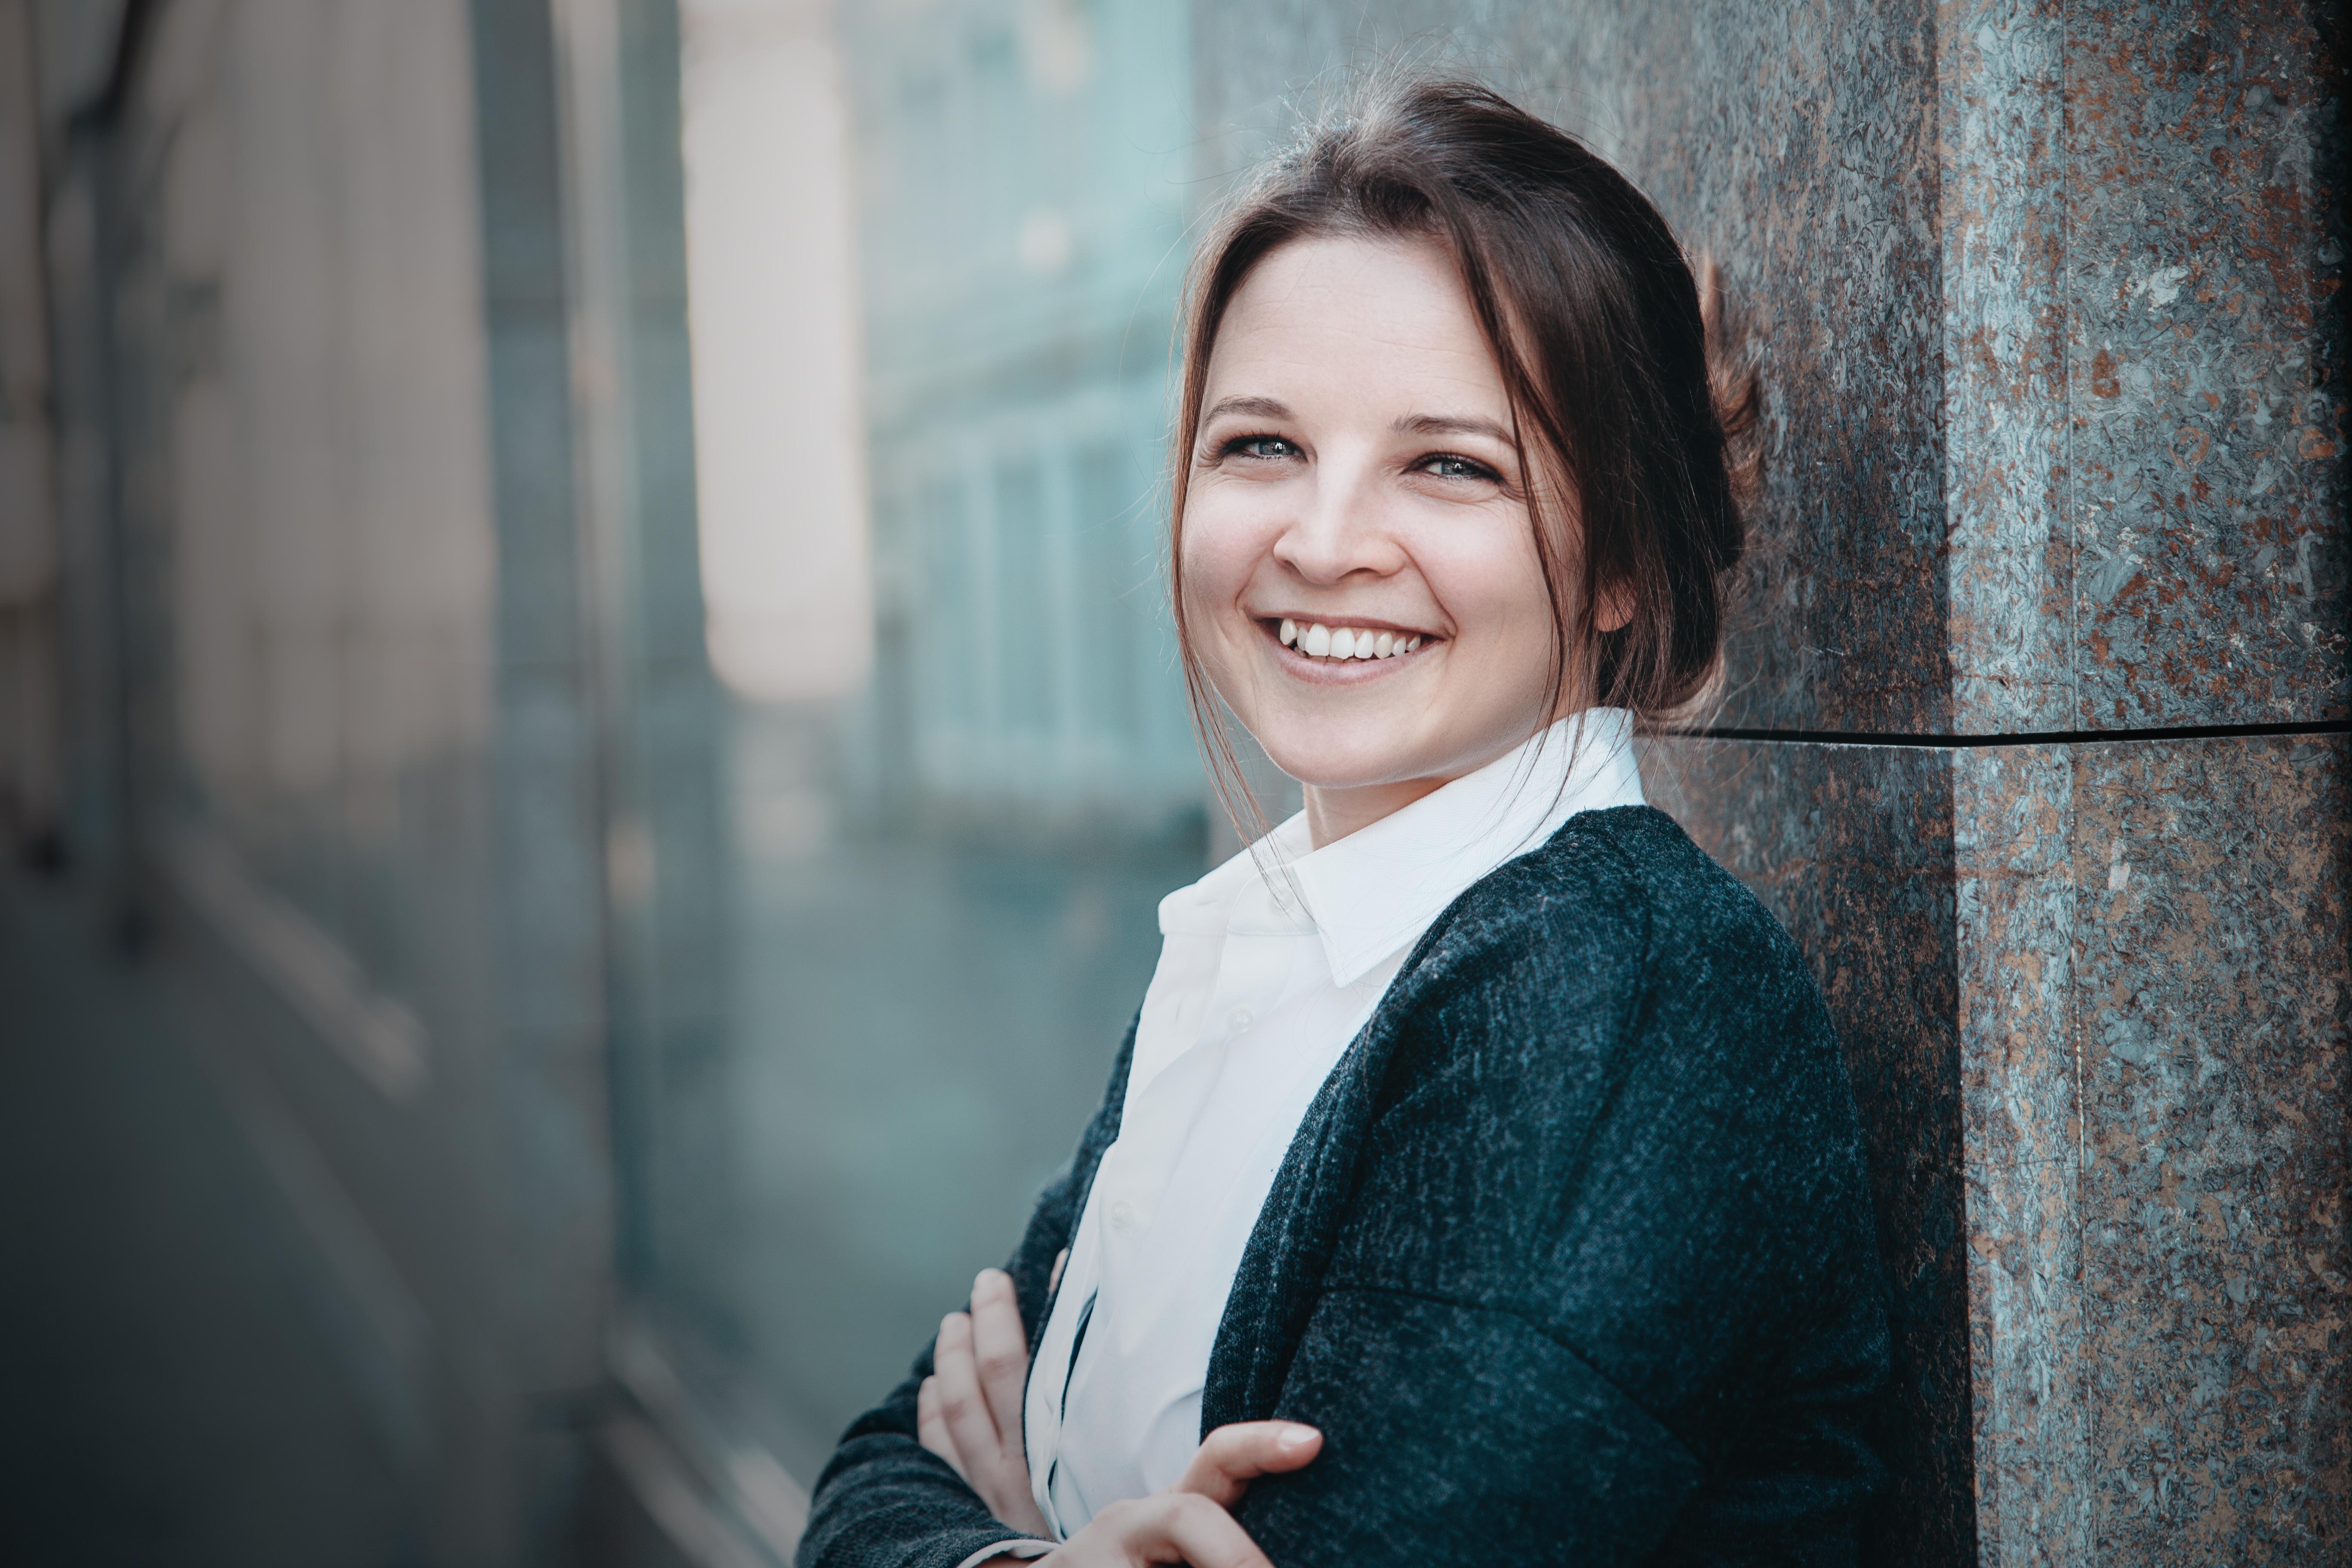 Angelika Stalmach